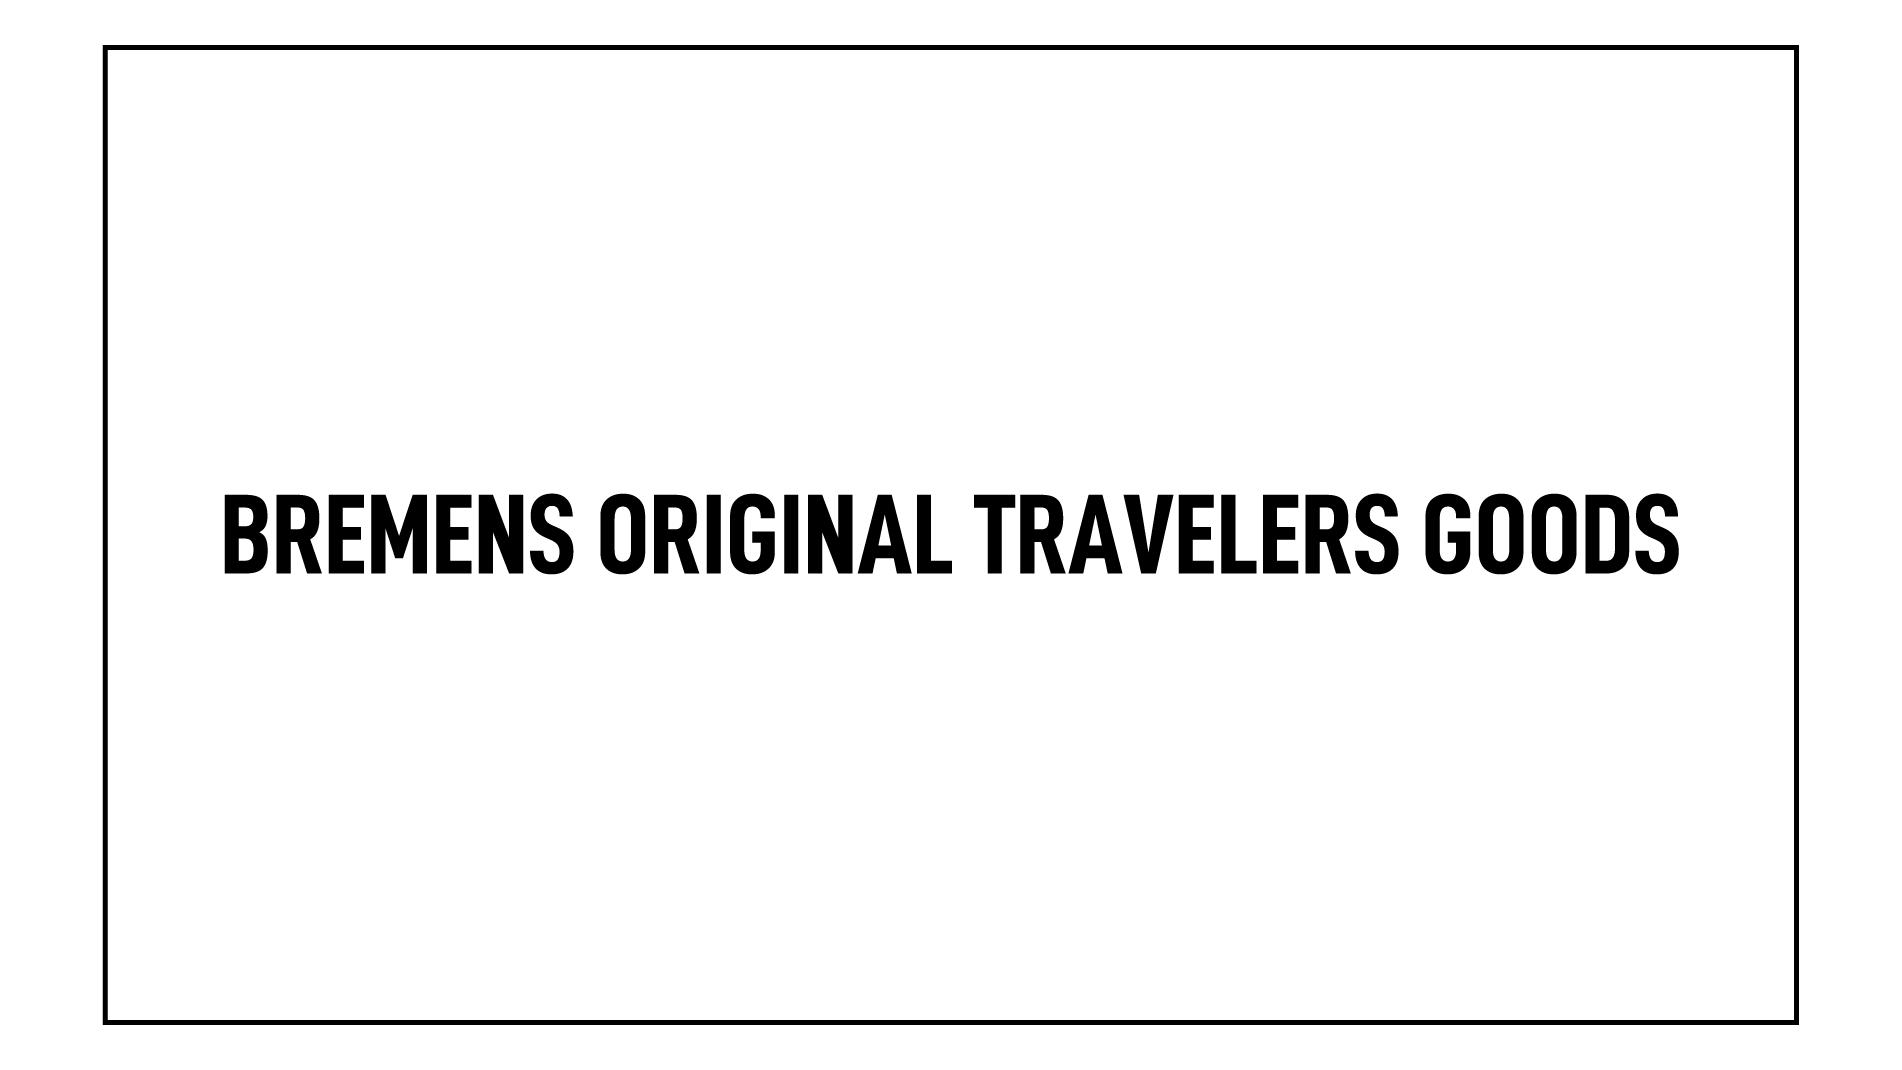 TRAVELERS GOODS